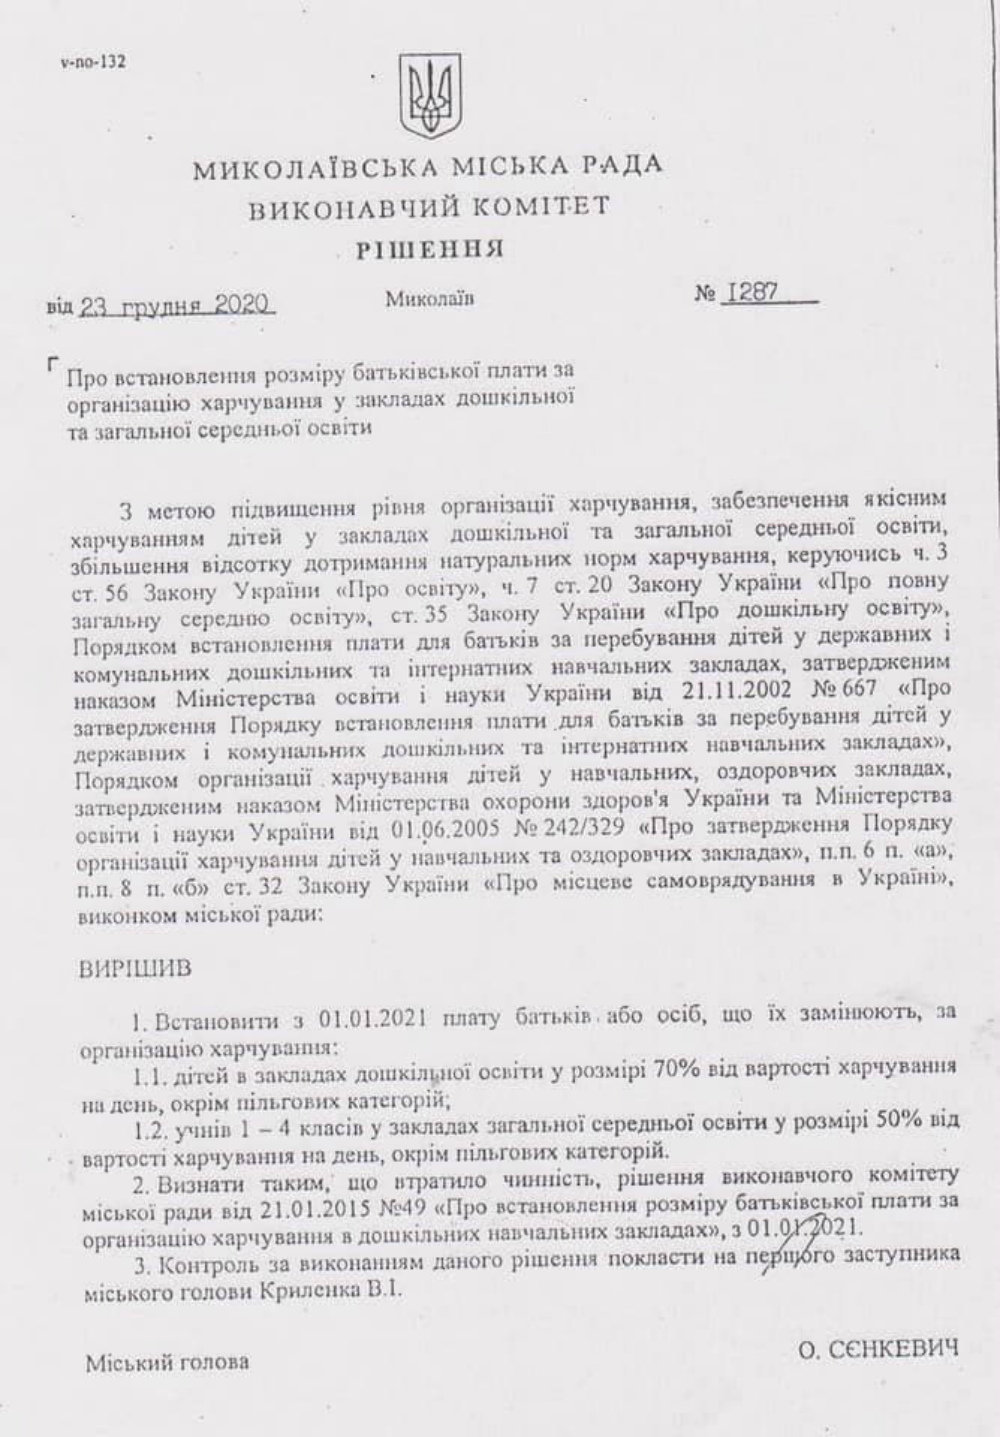 стоимость питания в школах и детсадах Николаева